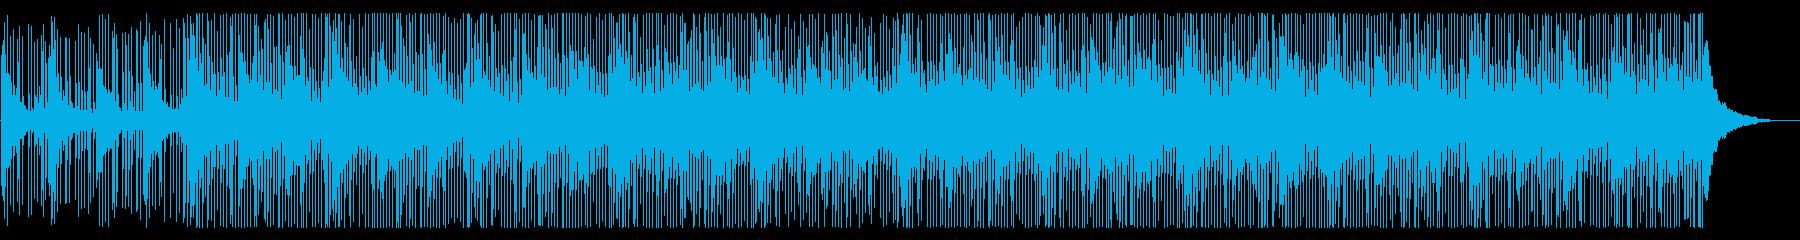 クール、落ち着いた雰囲気のEDM/ITの再生済みの波形